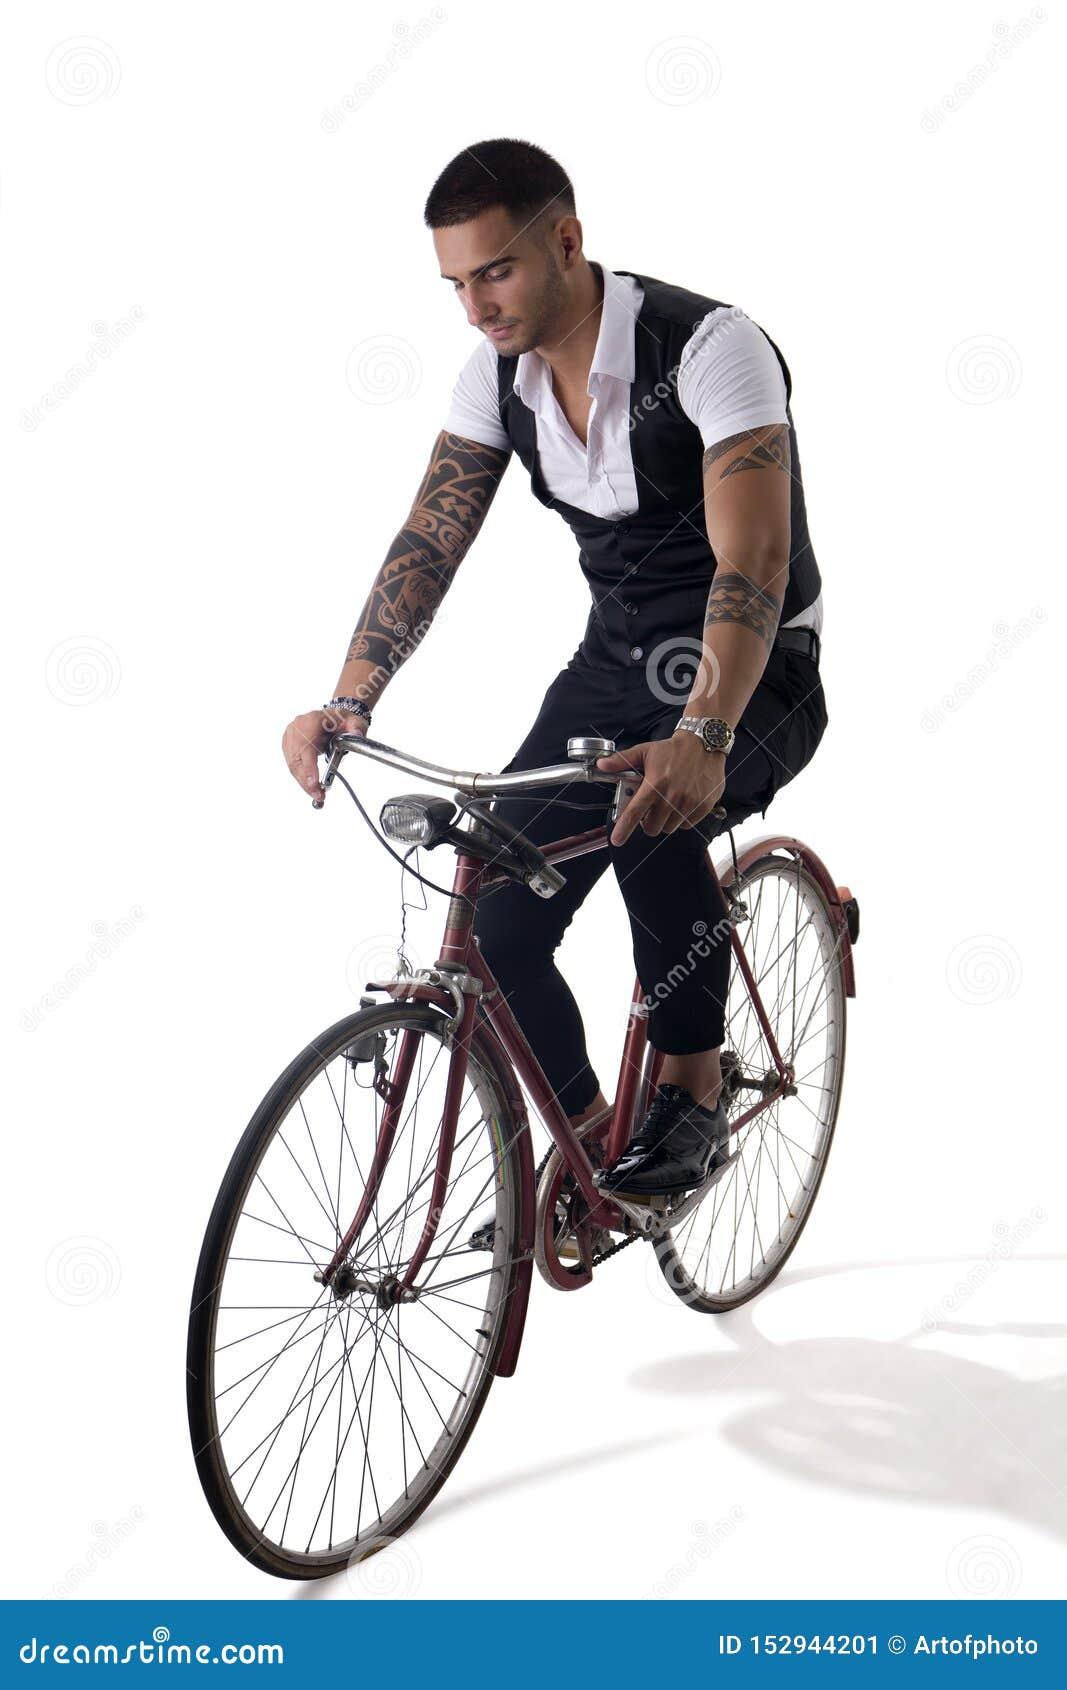 Tattoed elegant personenvervoer zijn fiets in istudio